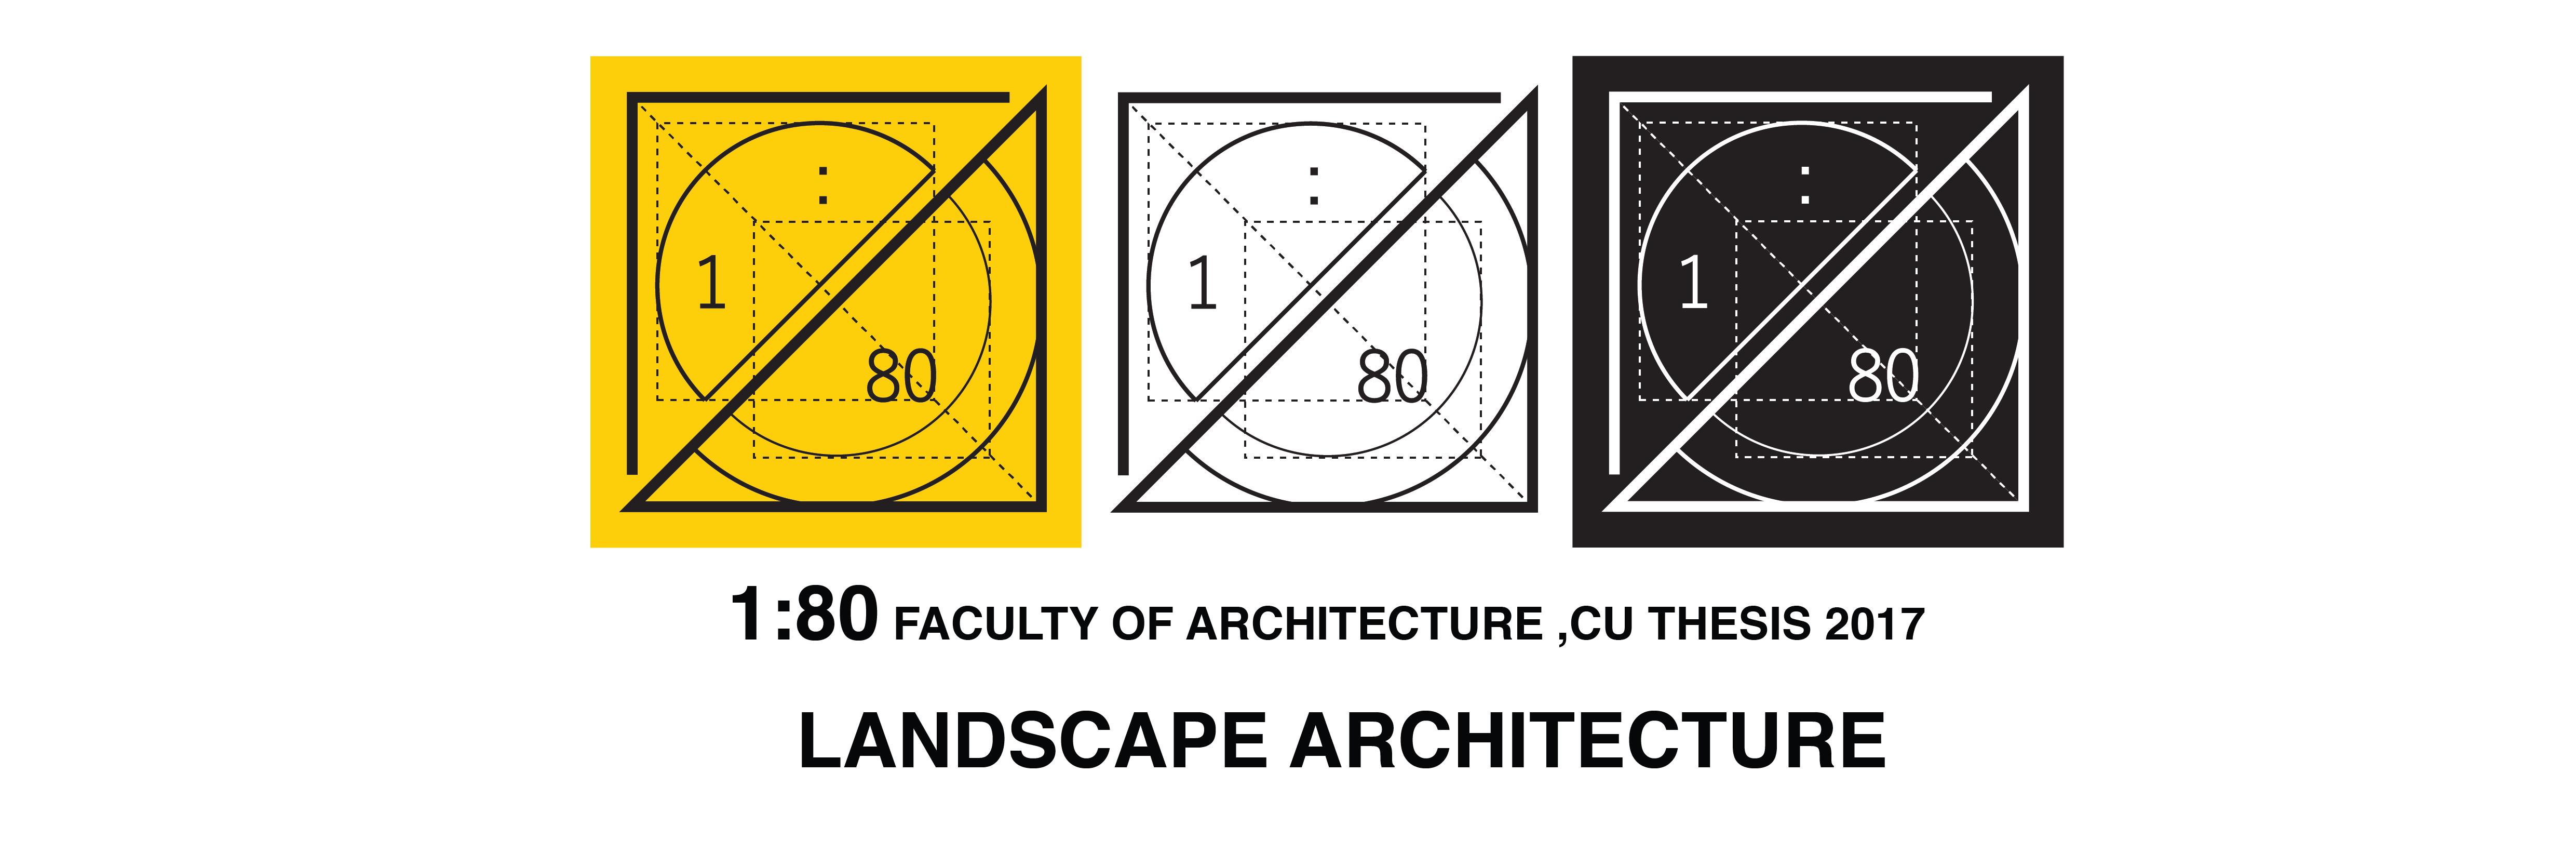 180 CU Landscape Architecture Thesis 2016